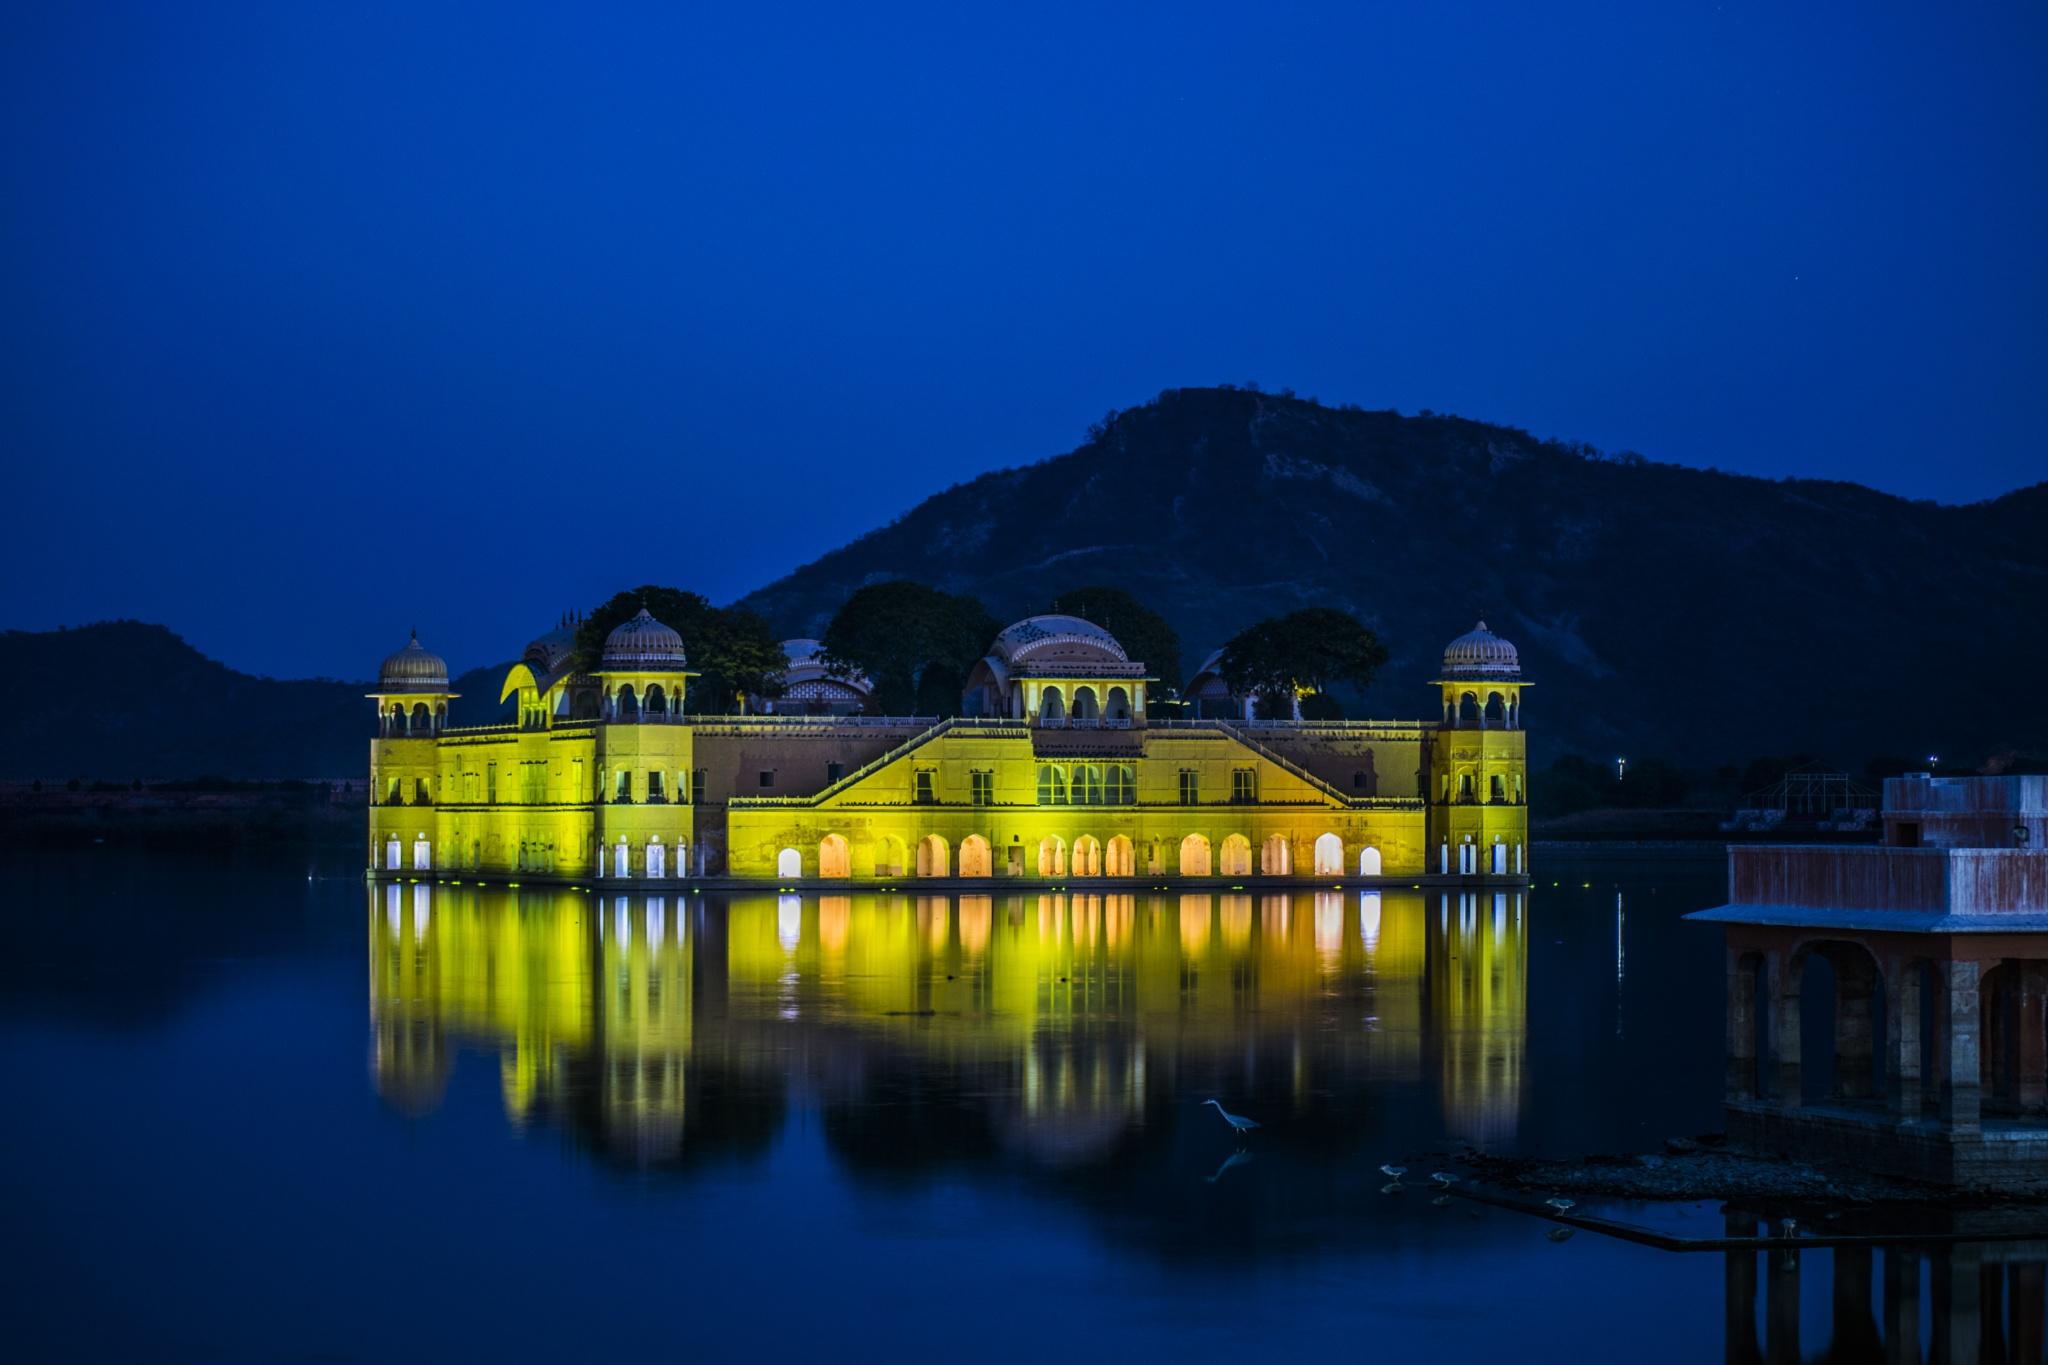 Jal Mahal by Hitesh Lalwani